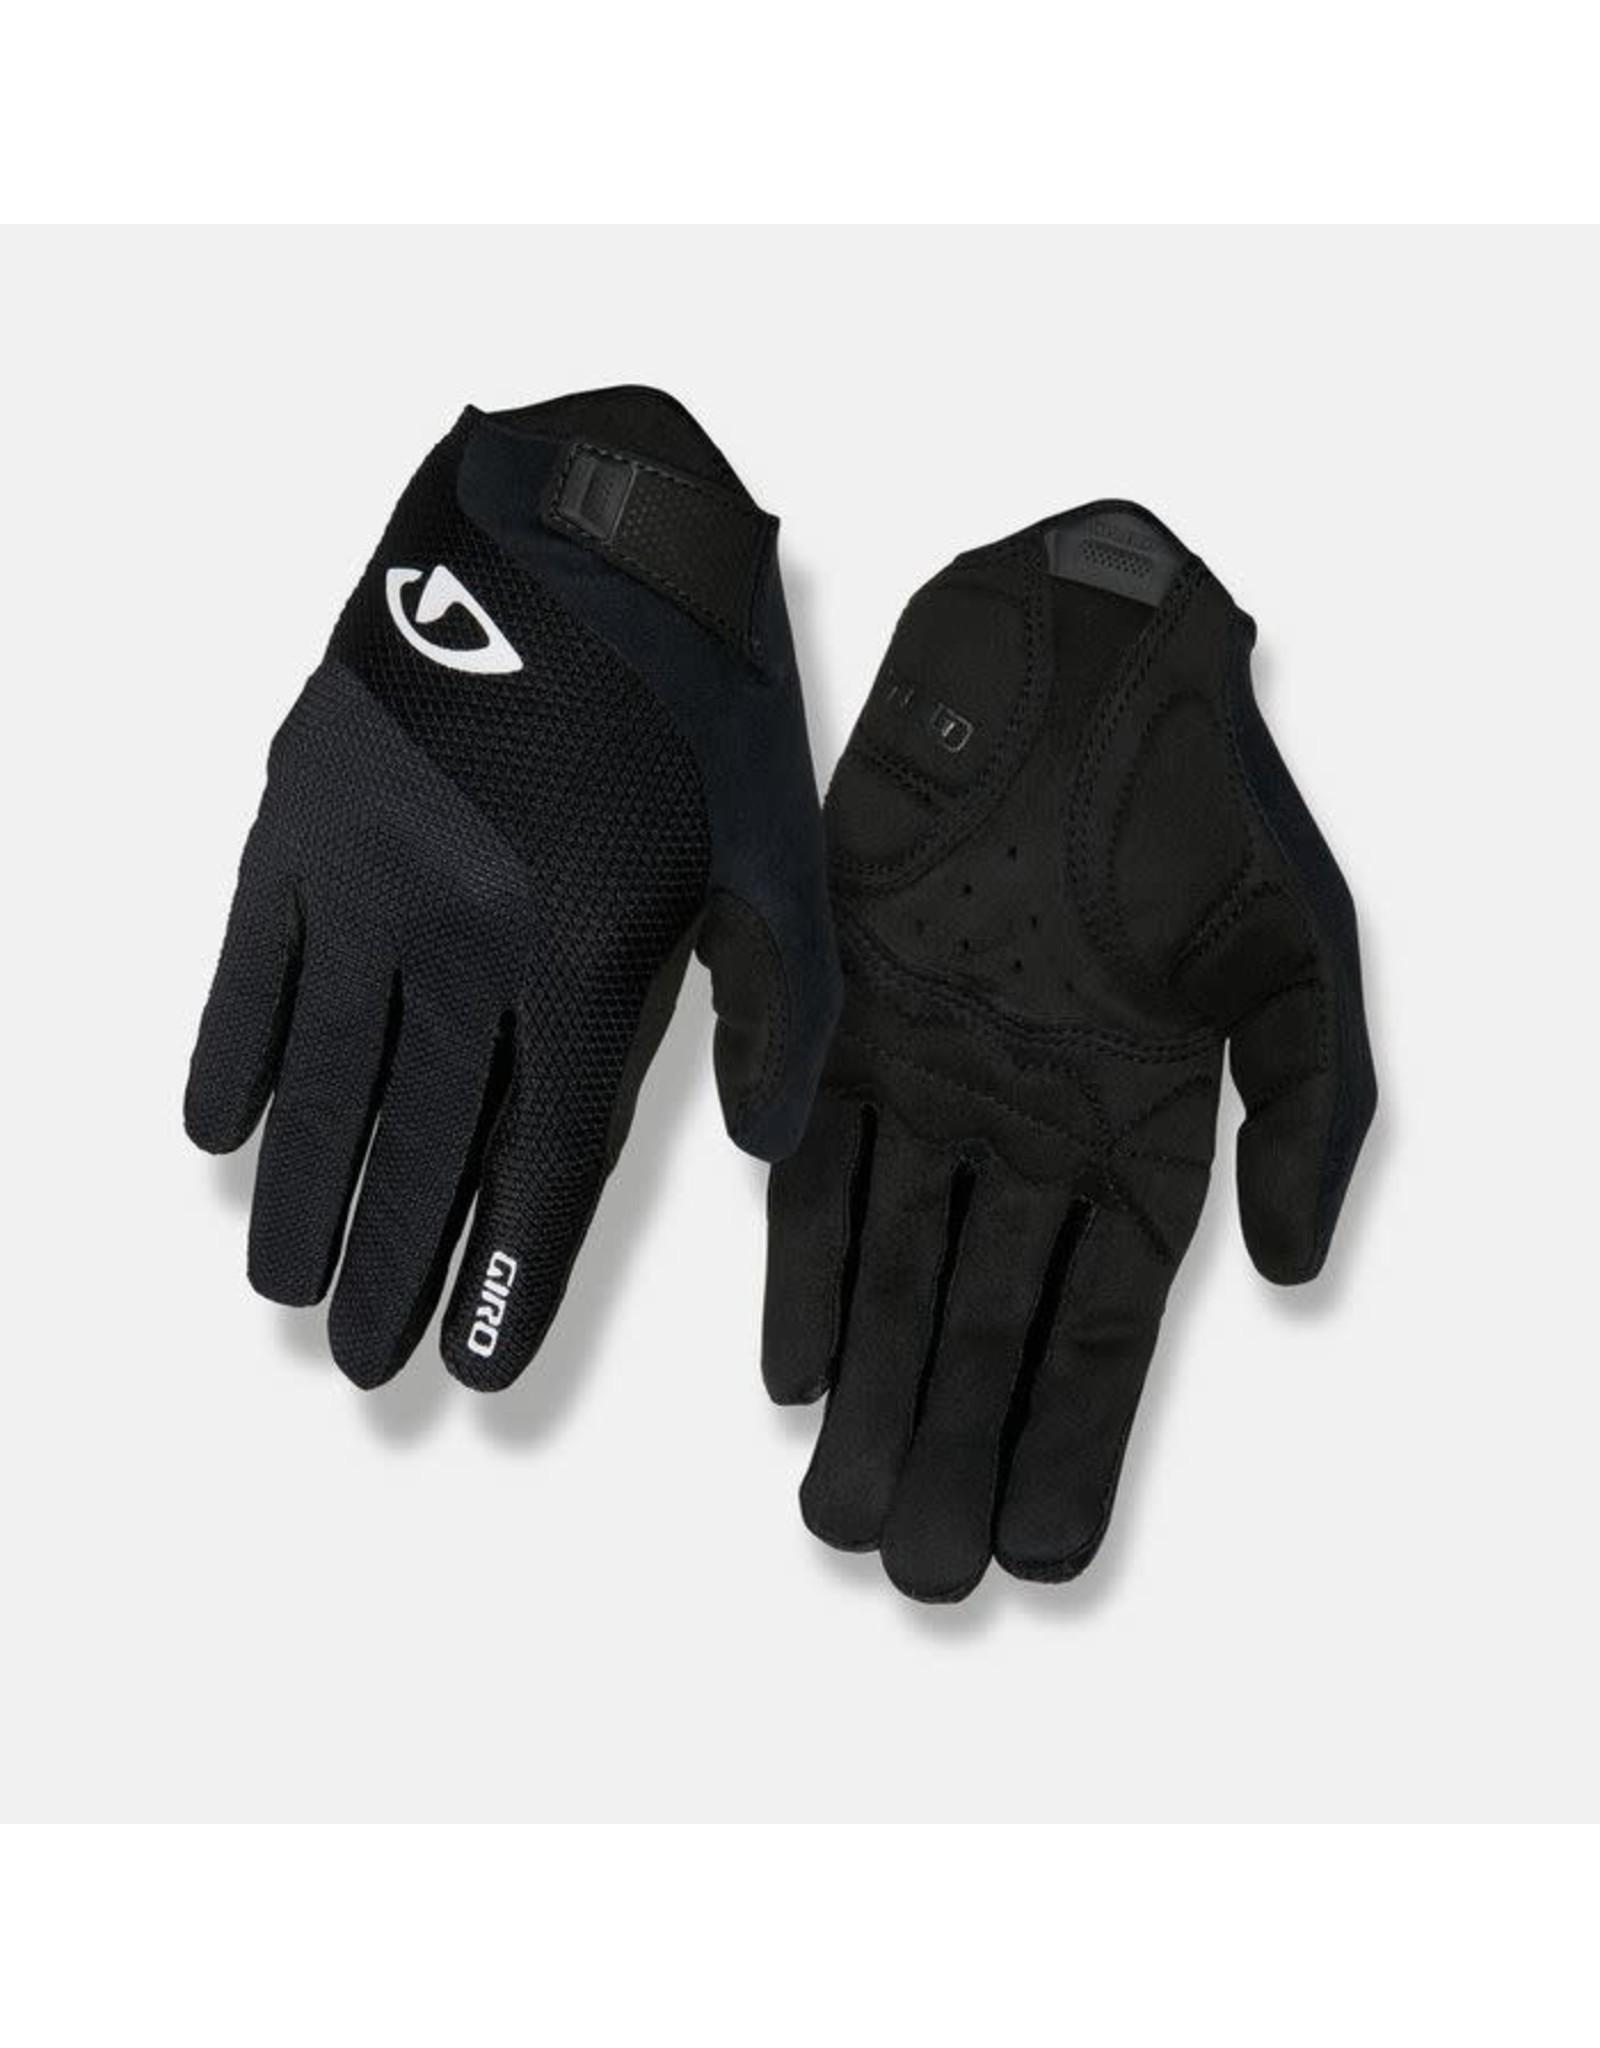 Giro Cycling Women's Tessa Gel LF Glove